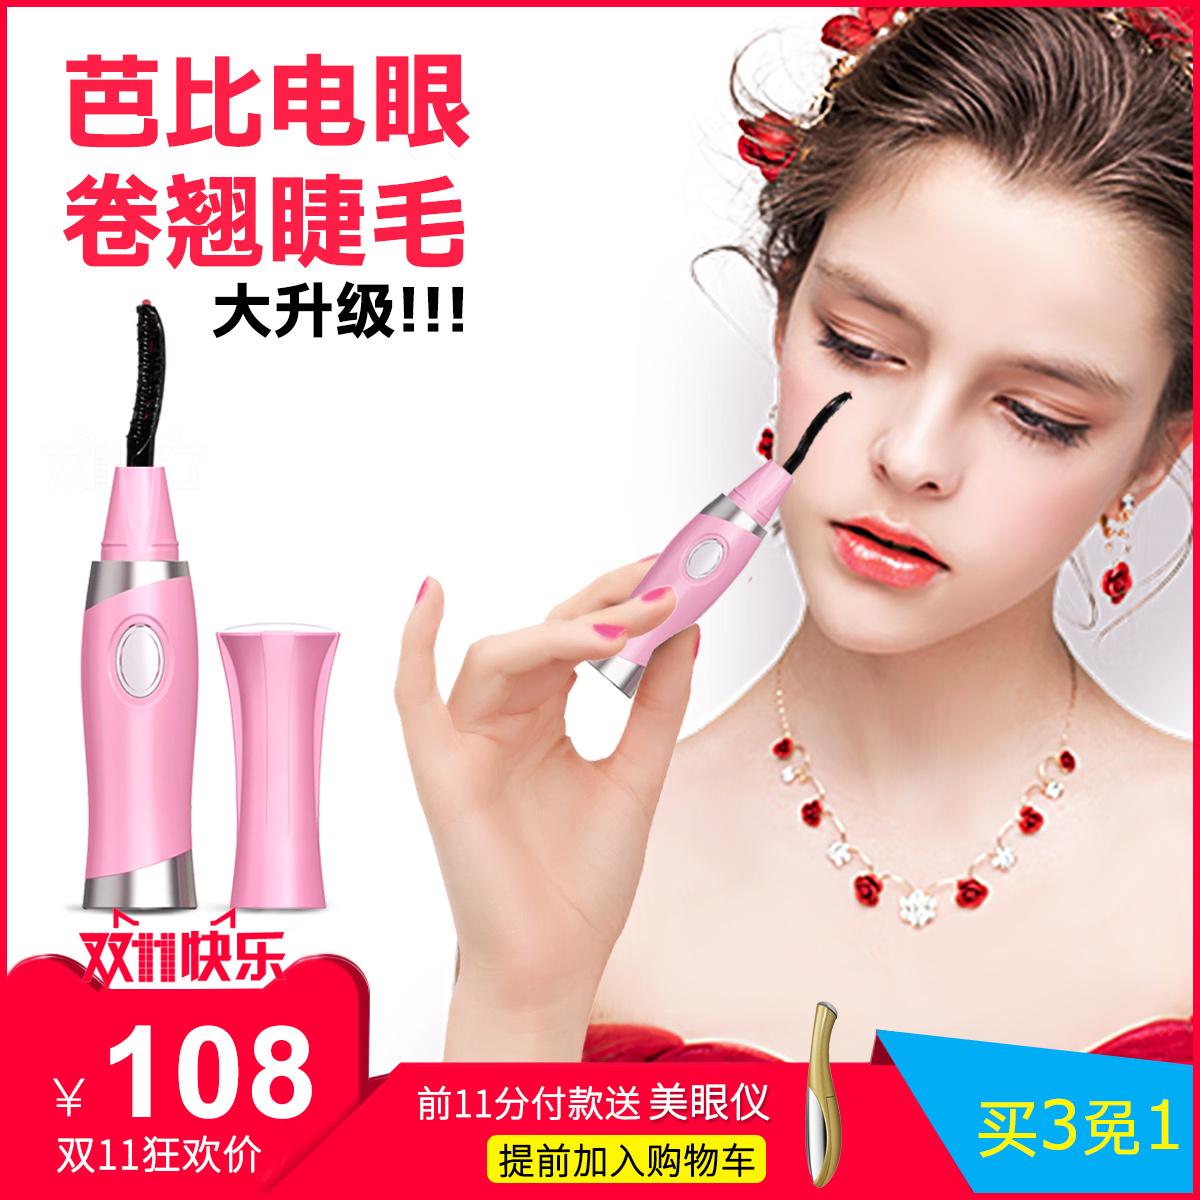 致美睫毛夹卷翘器充电电烫睫毛器美容仪日本电烫持久电动迷你充电